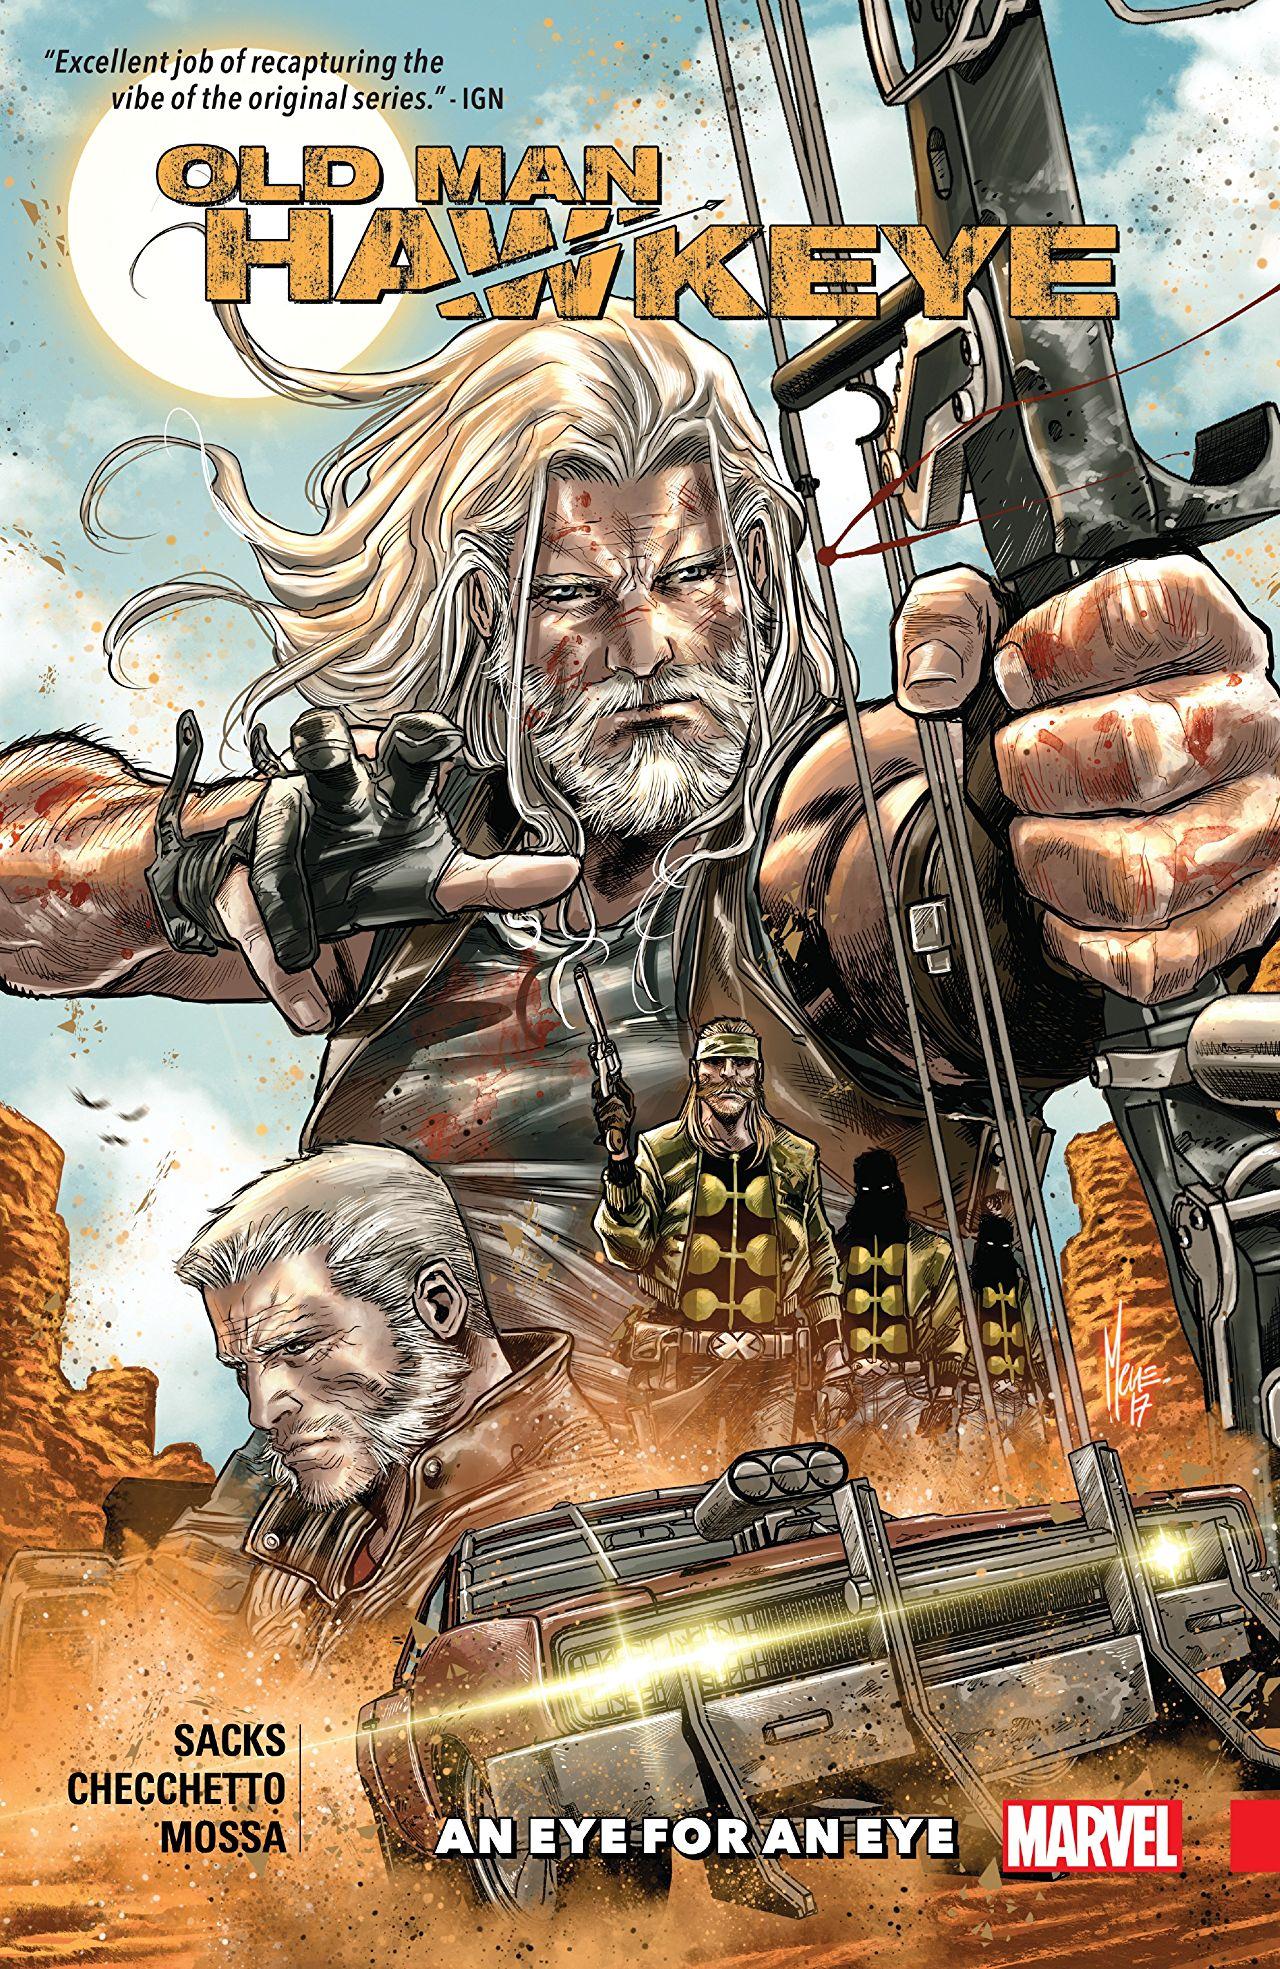 Old Man Hawkeye, Vol. 1: An Eye for an Eye